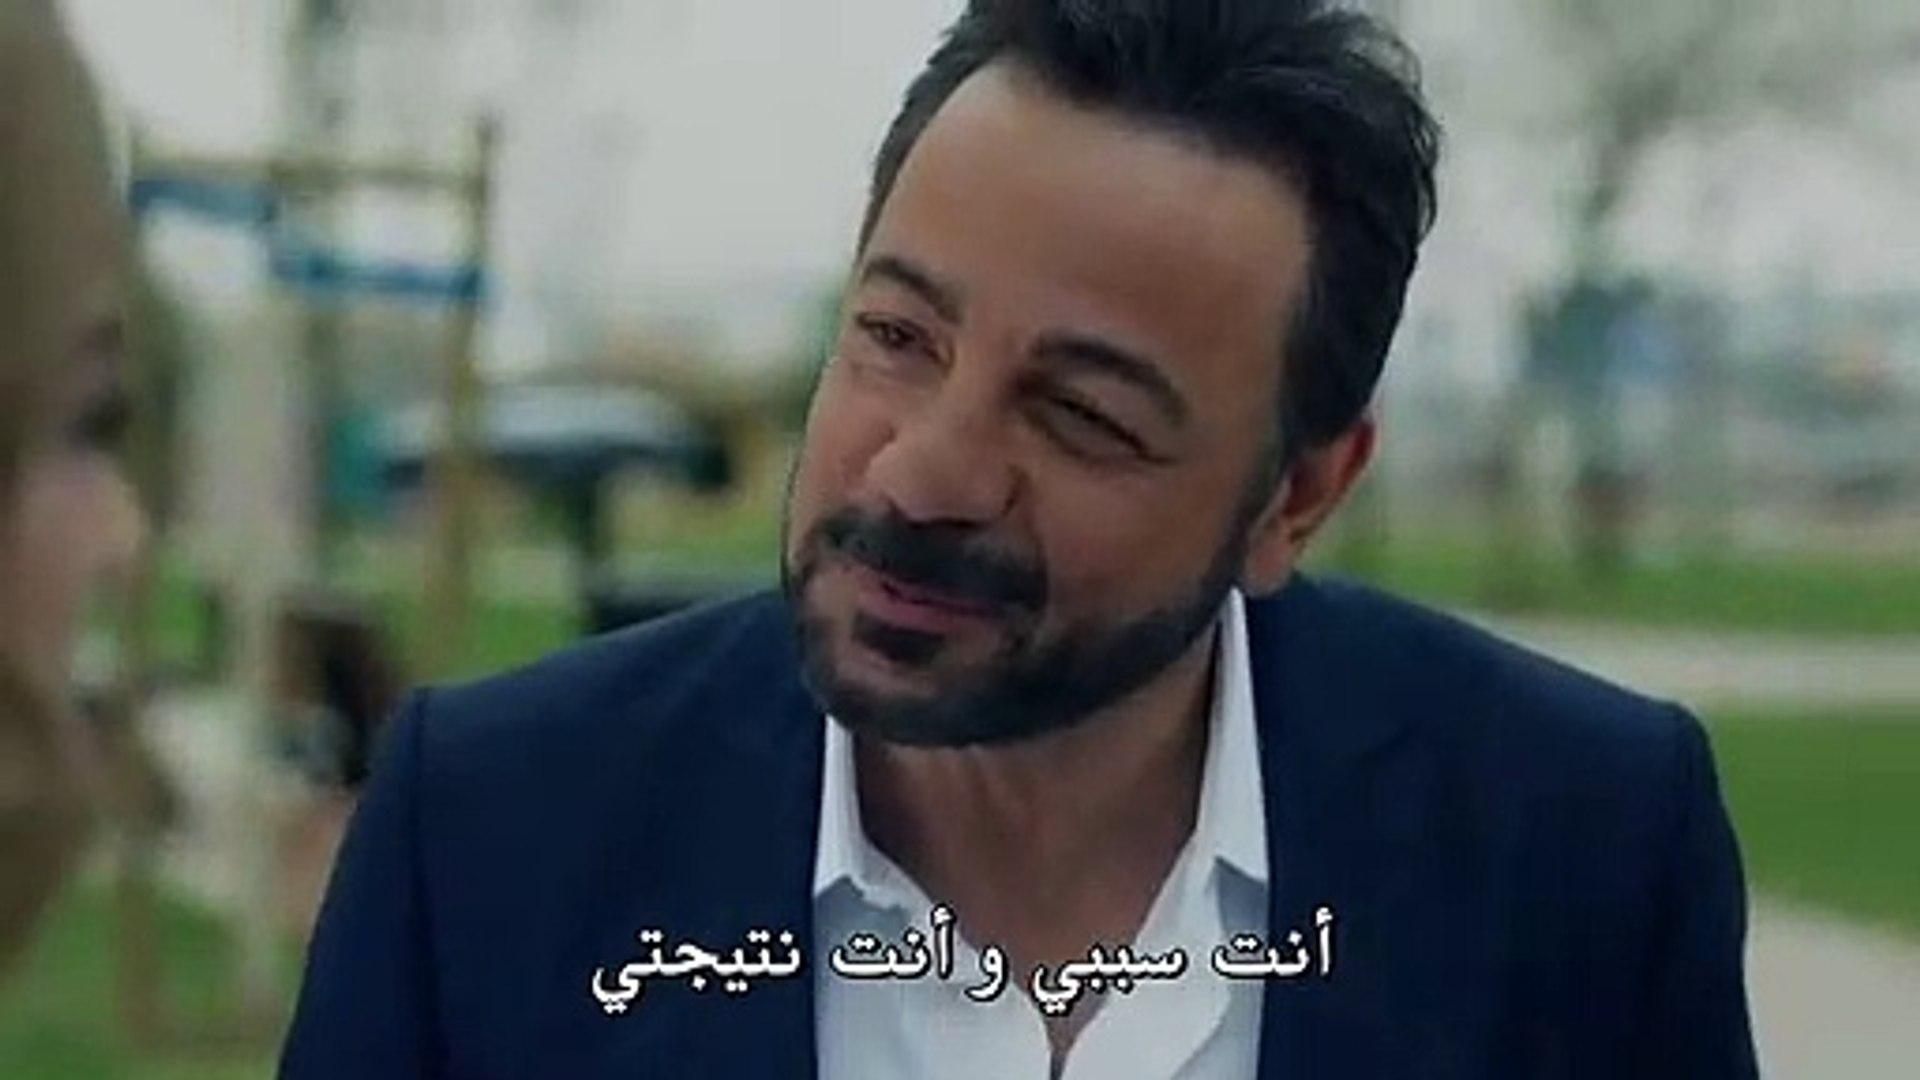 مسلسل حب أعمى 2 الموسم الثاني مترجم للعربية الحلقة 29 قسم 2 Video Dailymotionh264 512x384mp4